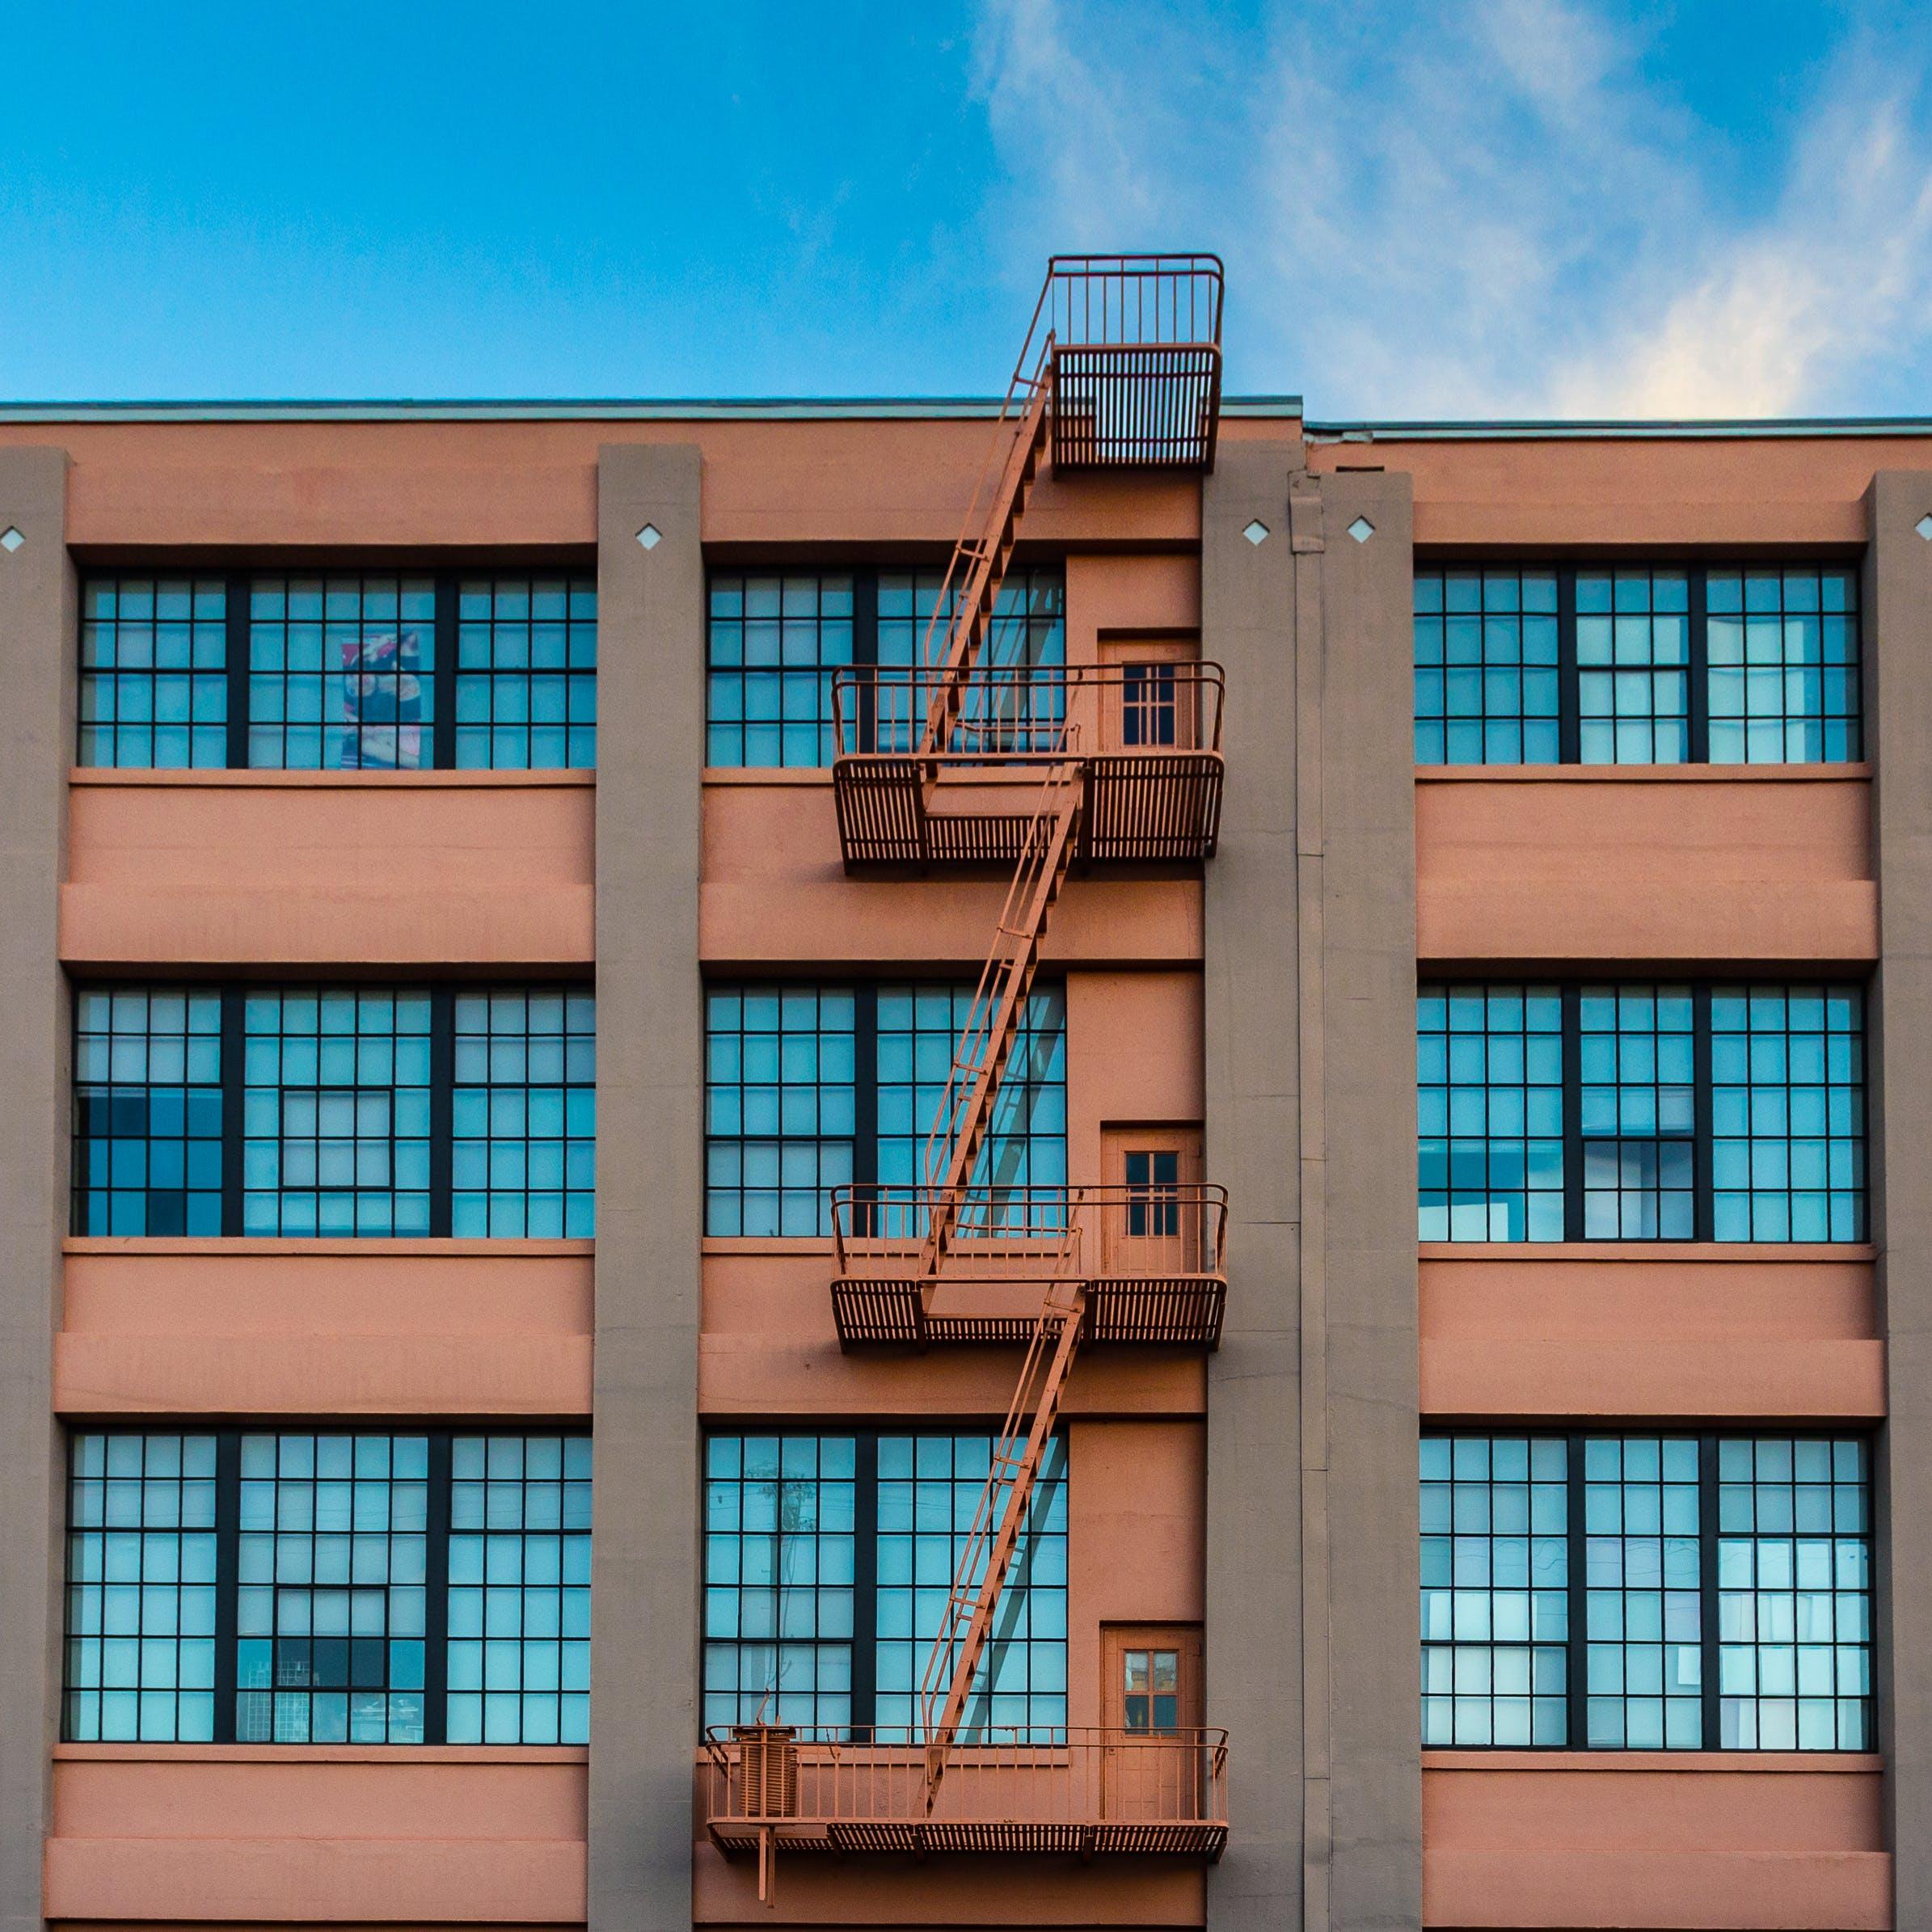 Kostenloses Stock Foto zu architektonisch, architektur, blau, blauer himmel